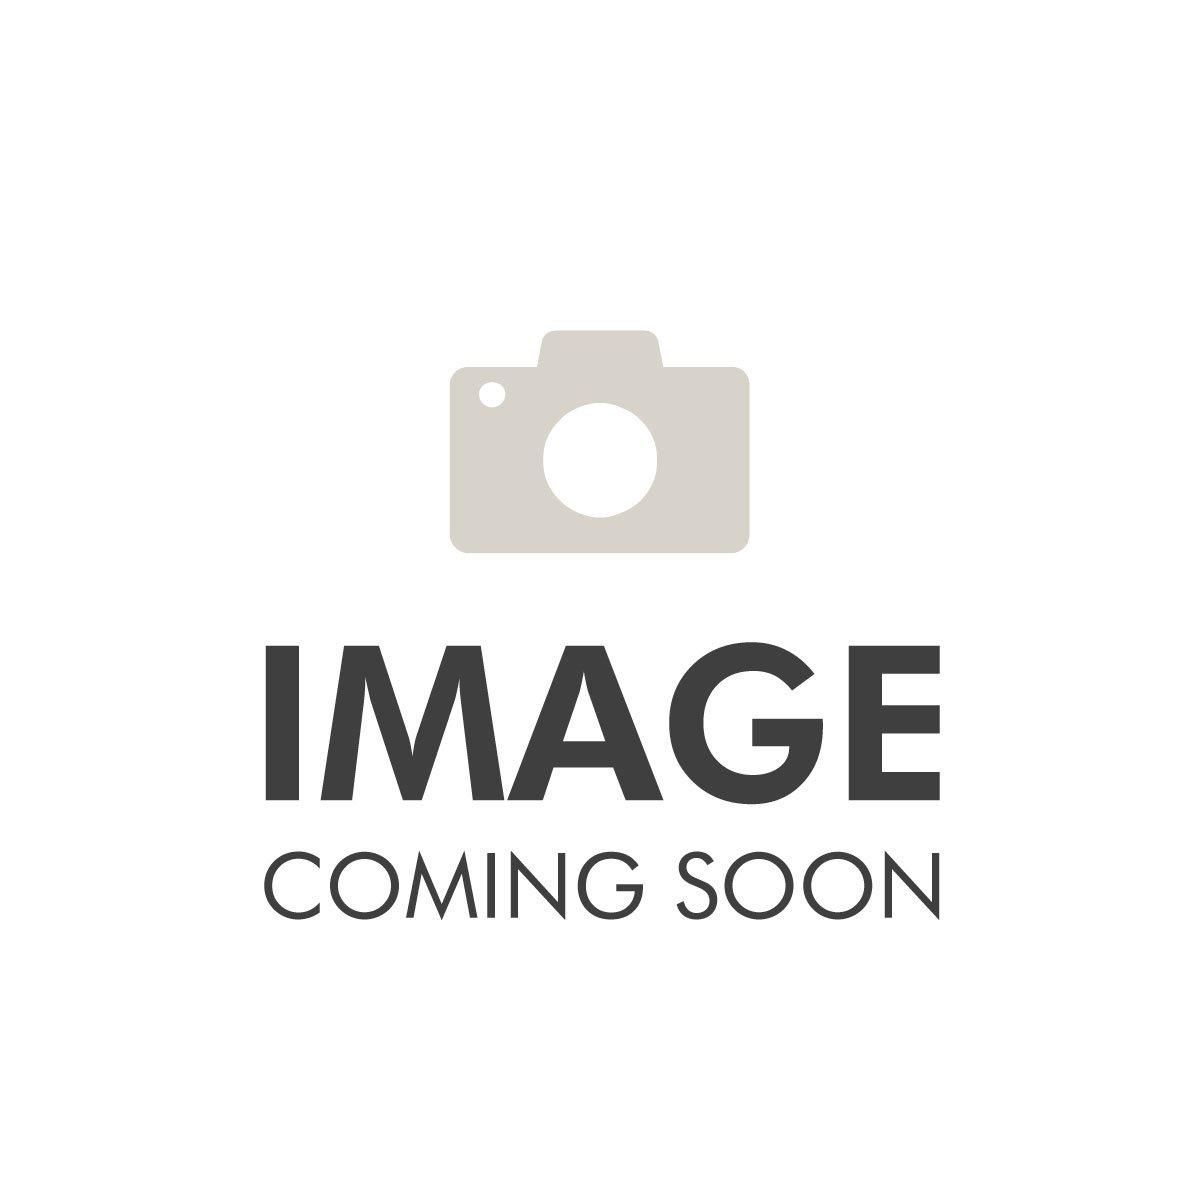 Uhlmann - Coussin de fleuret/sabre sec - PVC